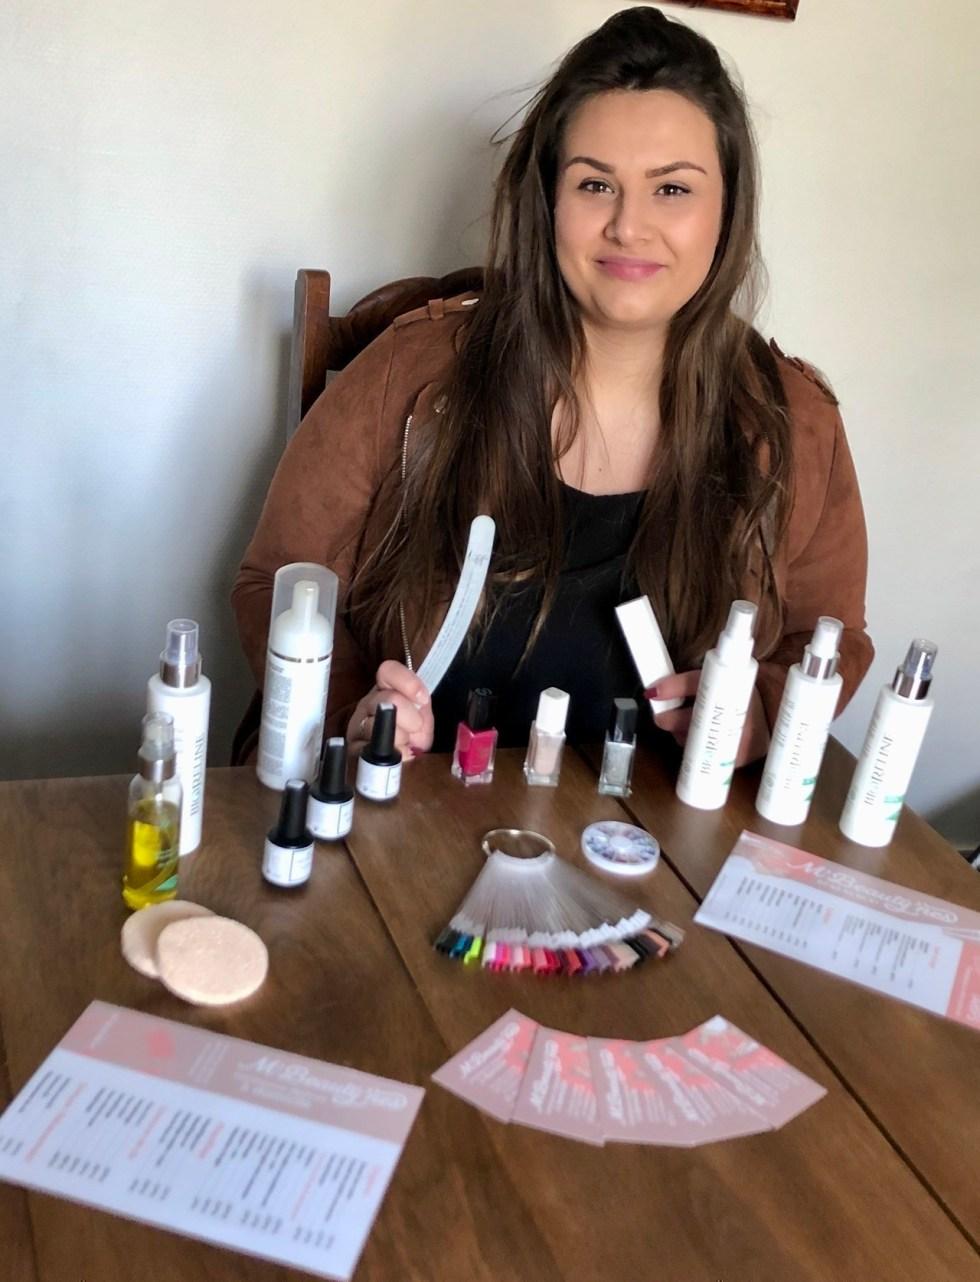 Mathilde de Beauchamp présente quelques-uns des produits qu'elle utilise pour les soins de la peau